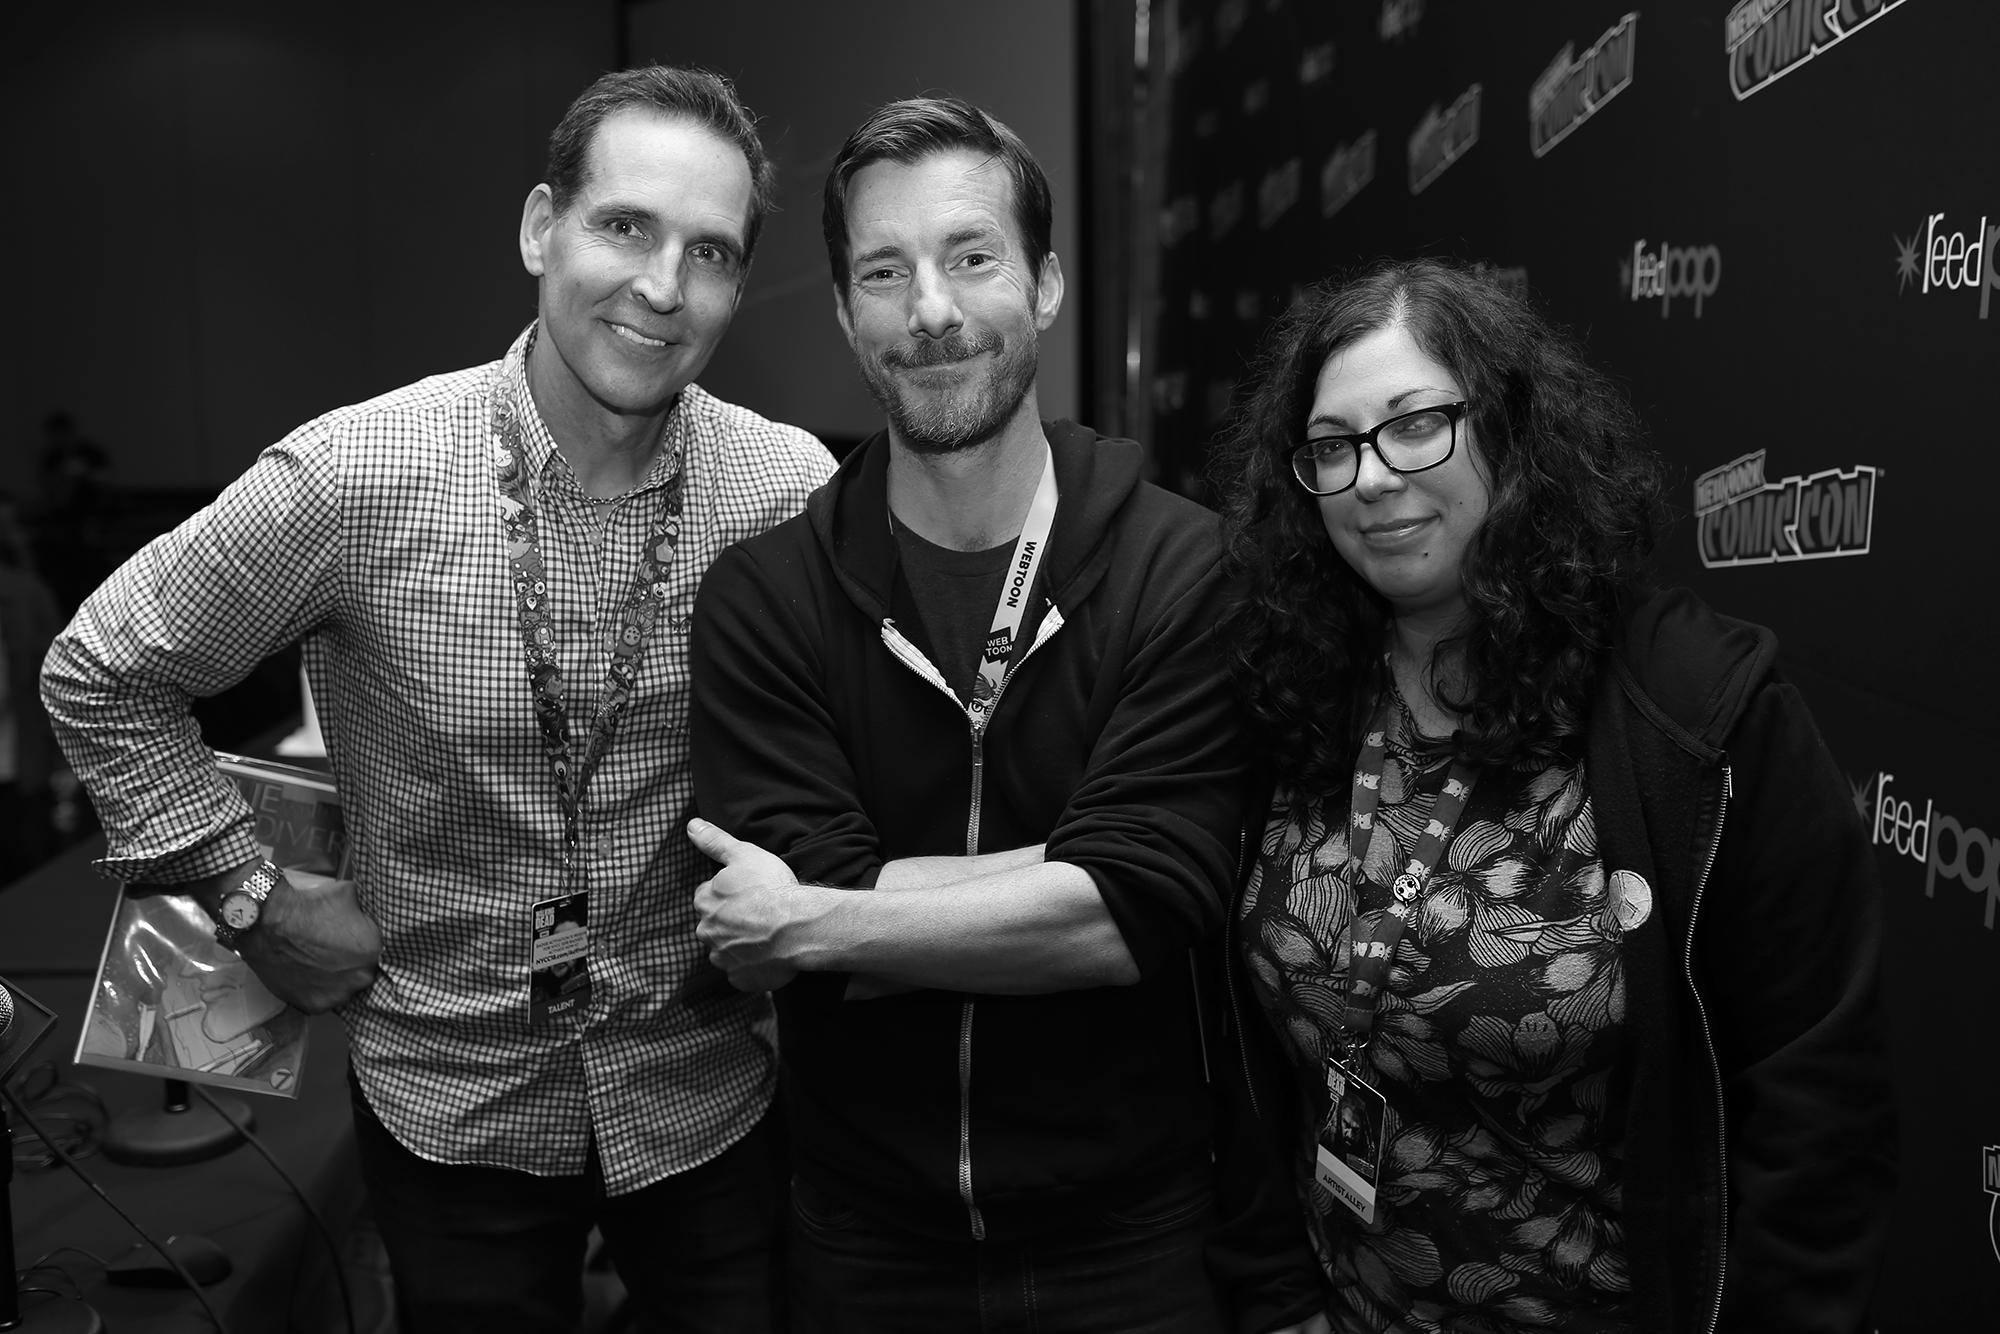 Todd McFarlane, Wes Craig, and Mirka Andolfo after an Art Jam panel at New York Comic Con